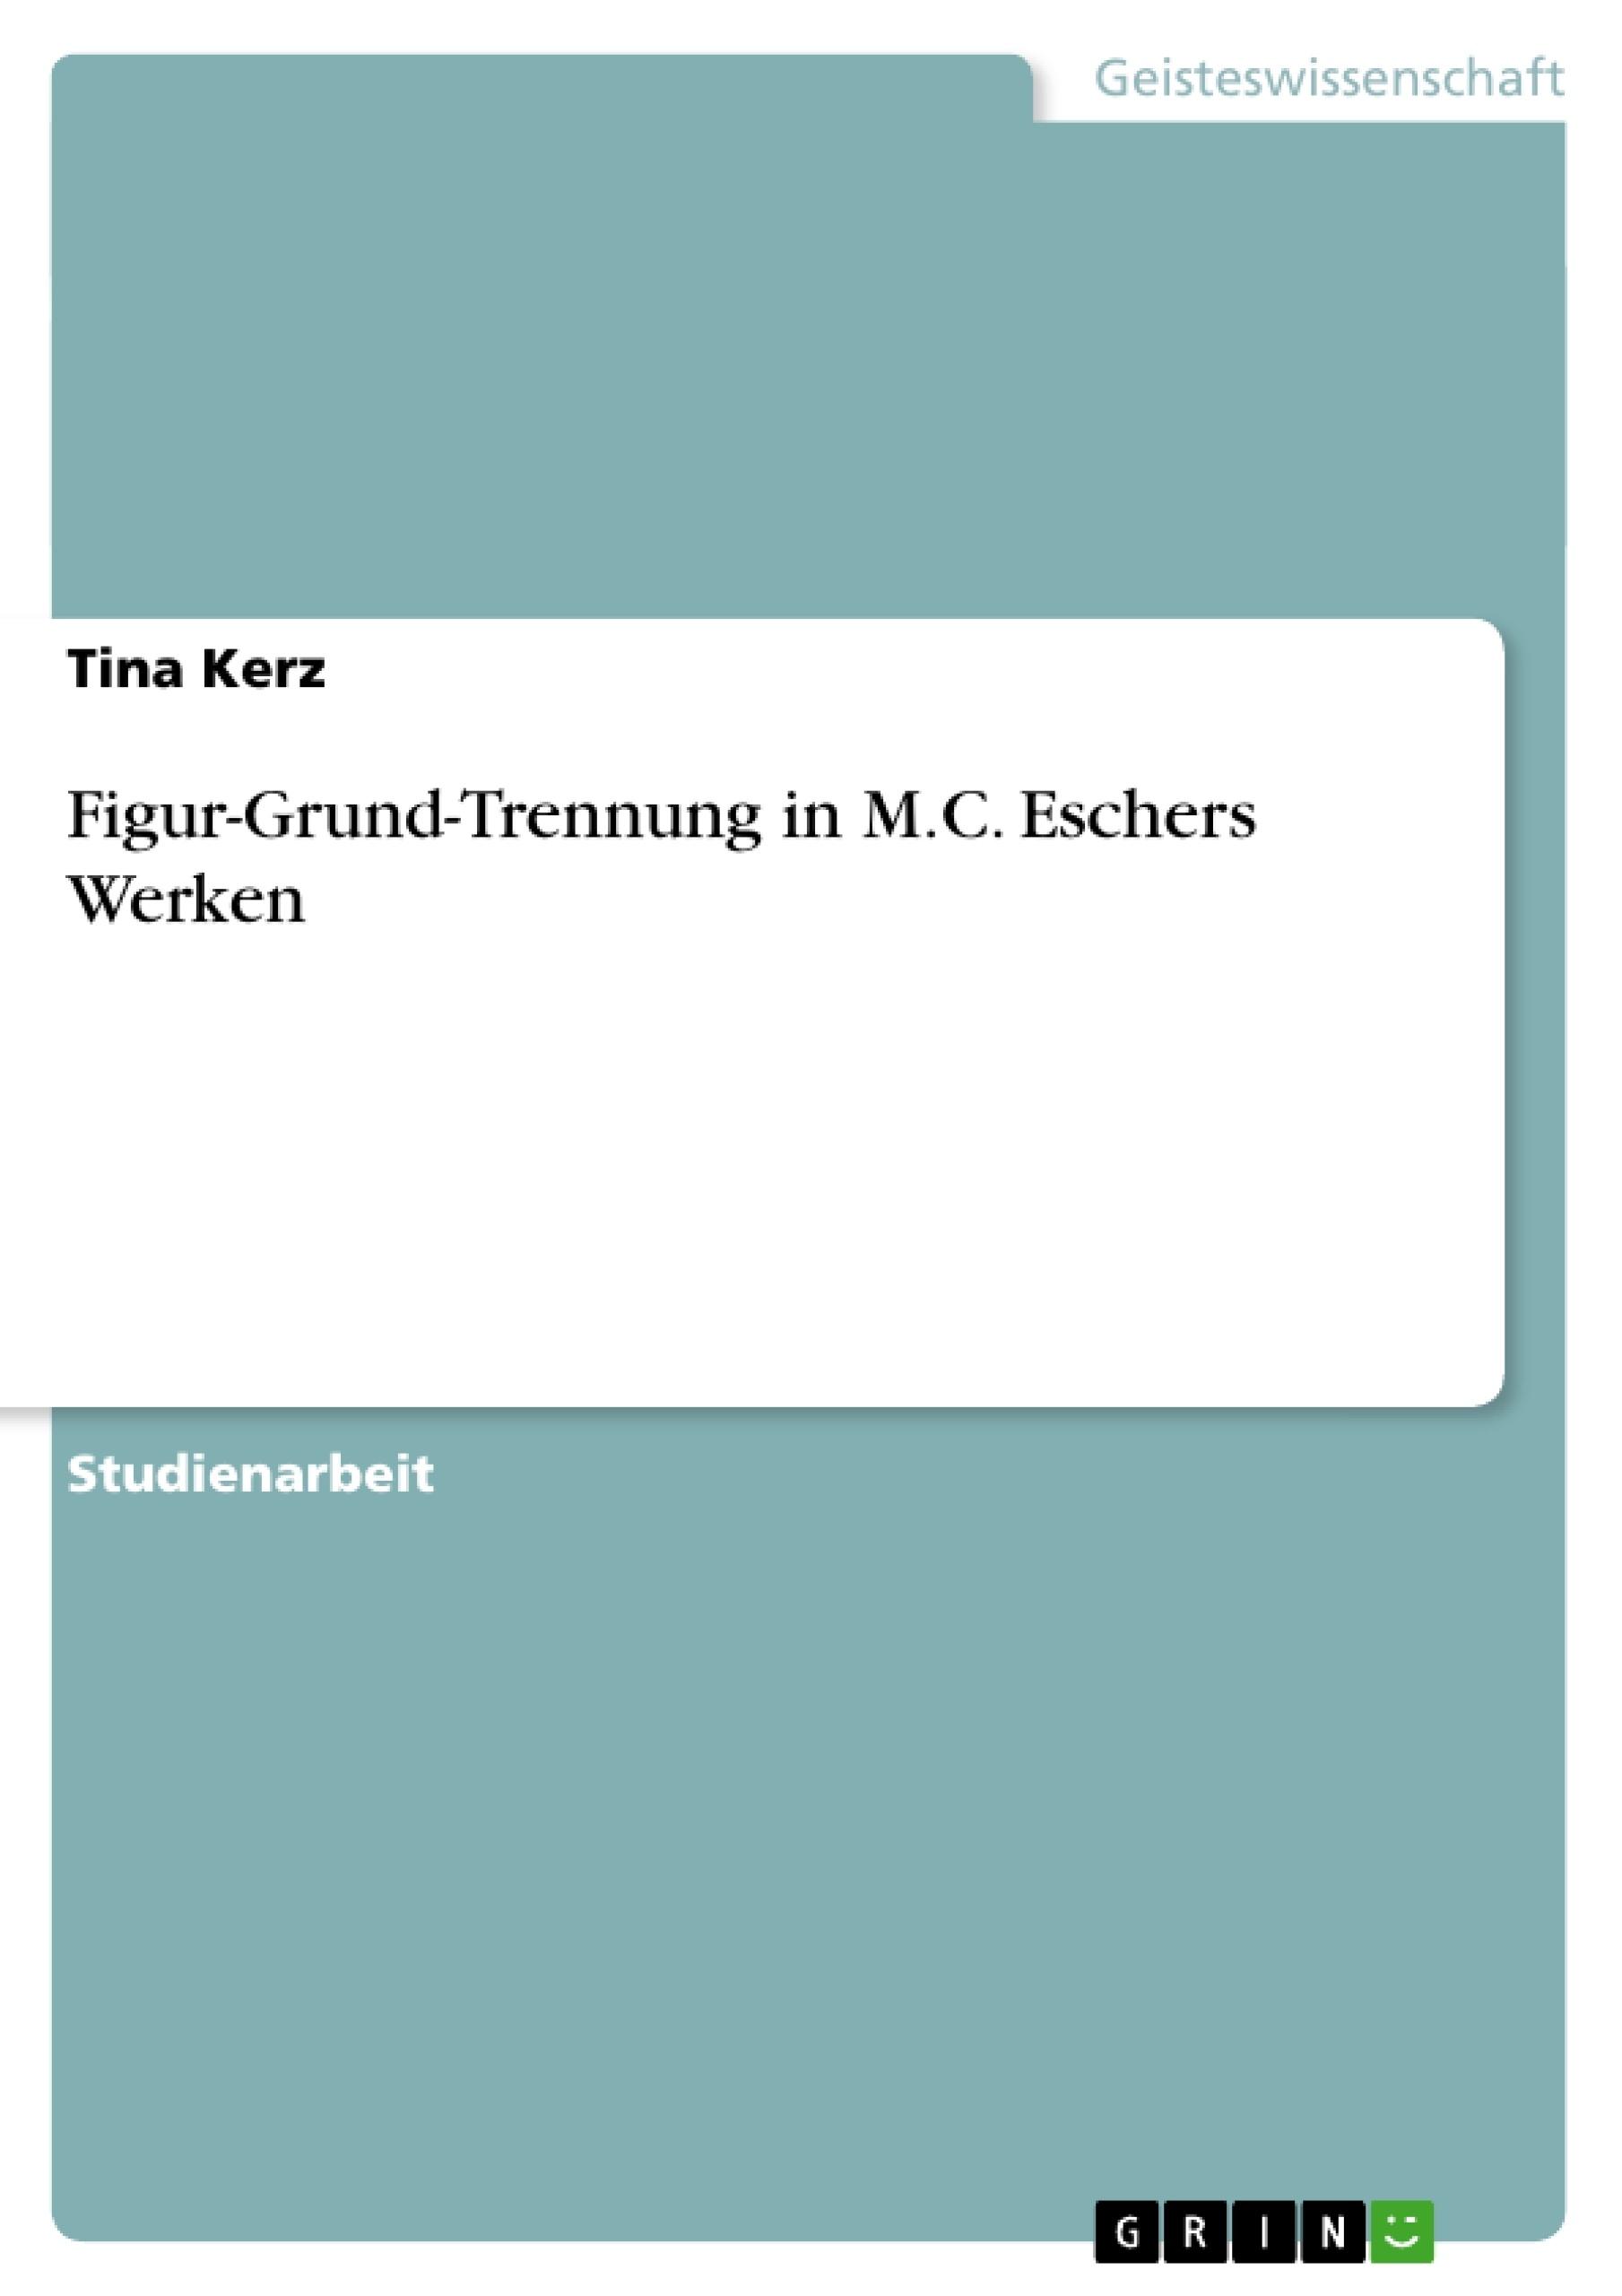 Titel: Figur-Grund-Trennung in M.C. Eschers Werken